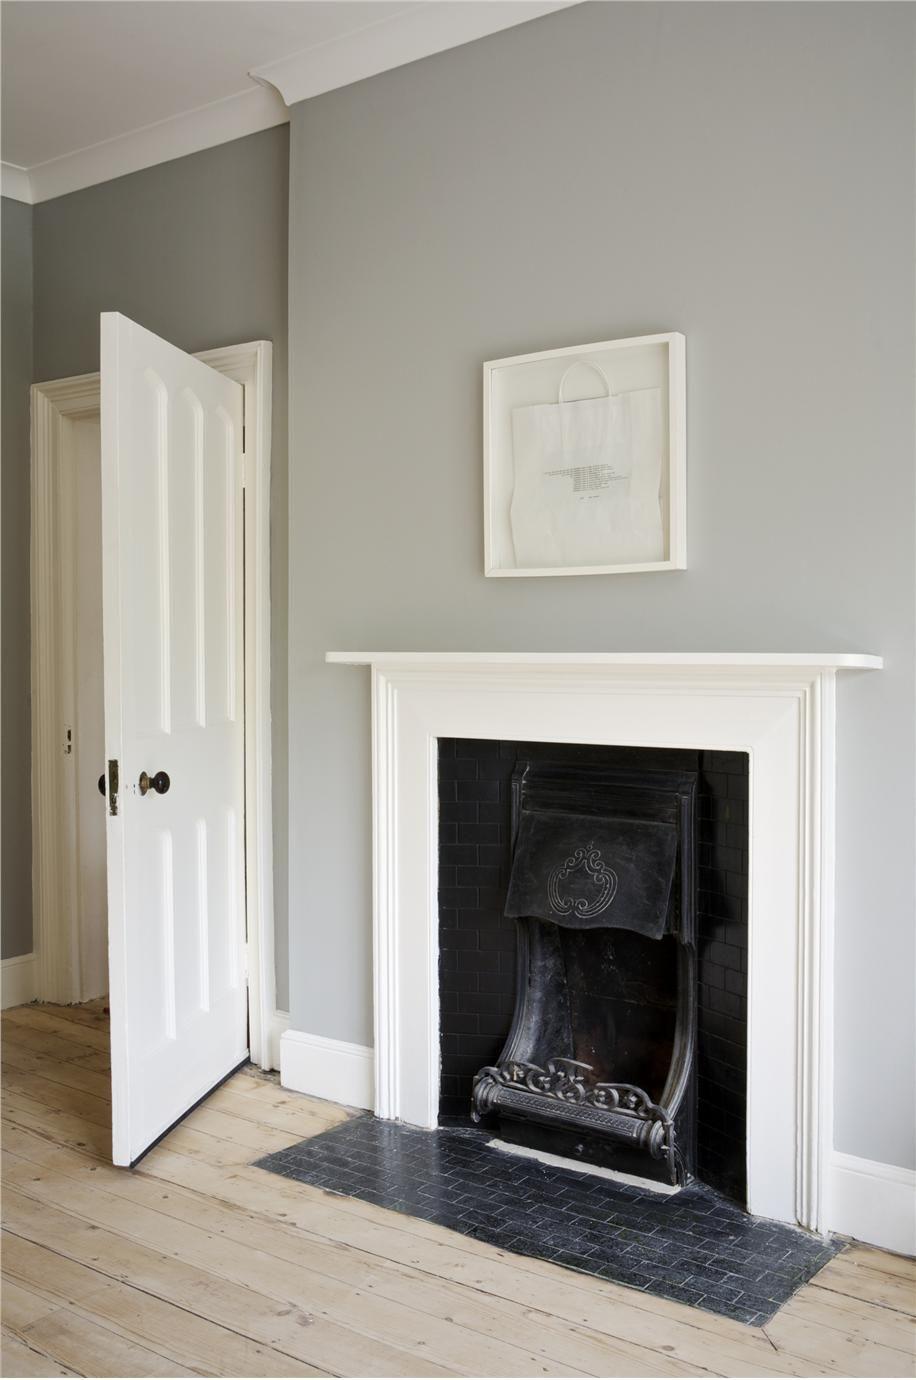 idee f r wohnzimmer farbe pinterest wohnzimmer einrichtung und farben. Black Bedroom Furniture Sets. Home Design Ideas